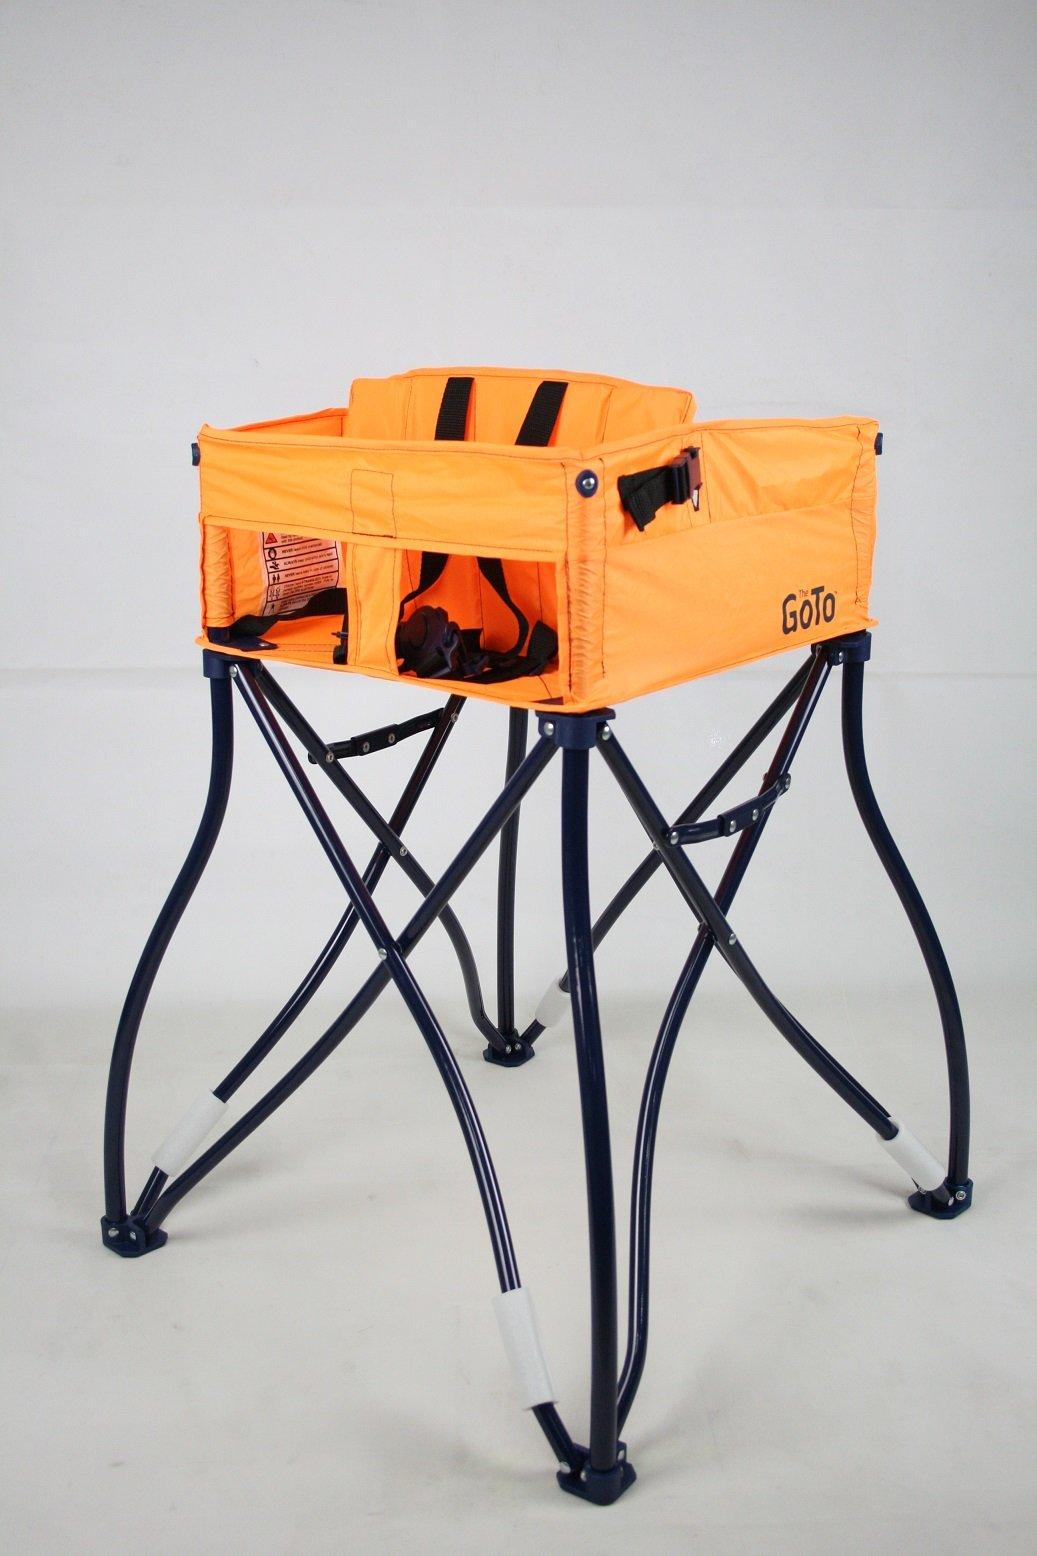 Phoenix Baby Goto 2-in-1 Carseat Holder & Travel High Chair, Orange by Phoenix Baby